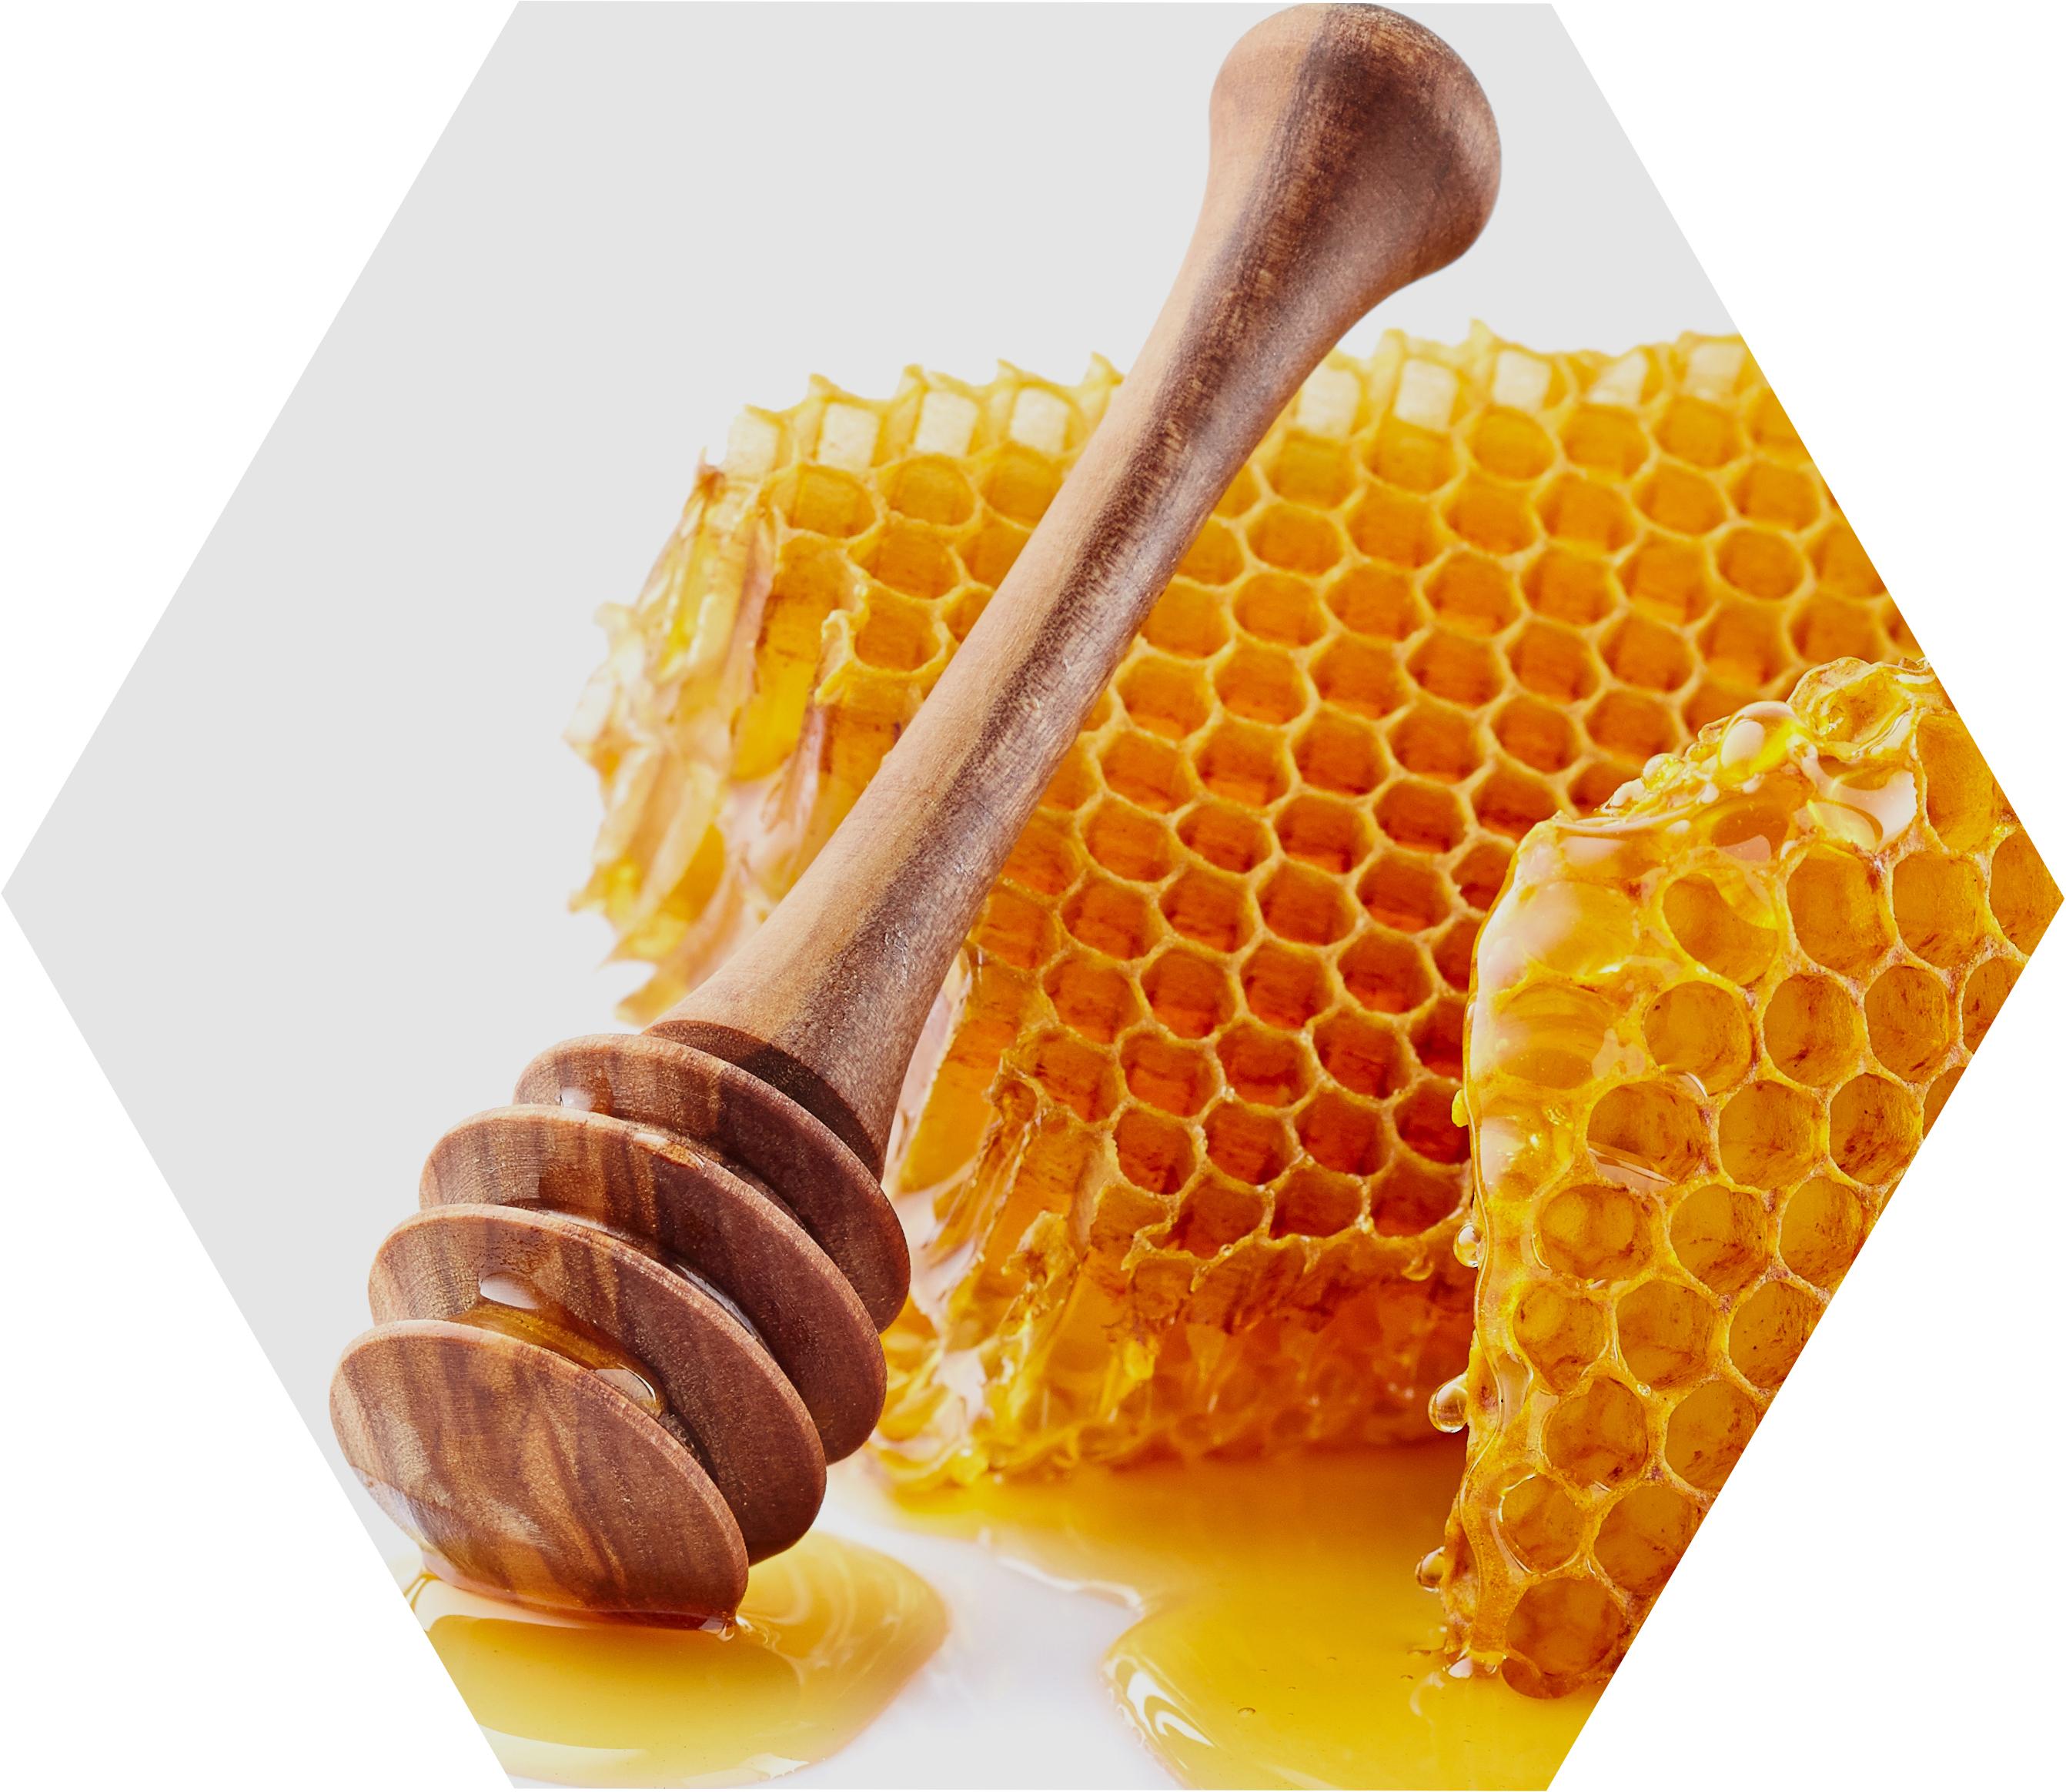 beeswax-honey-honeycomb.jpg